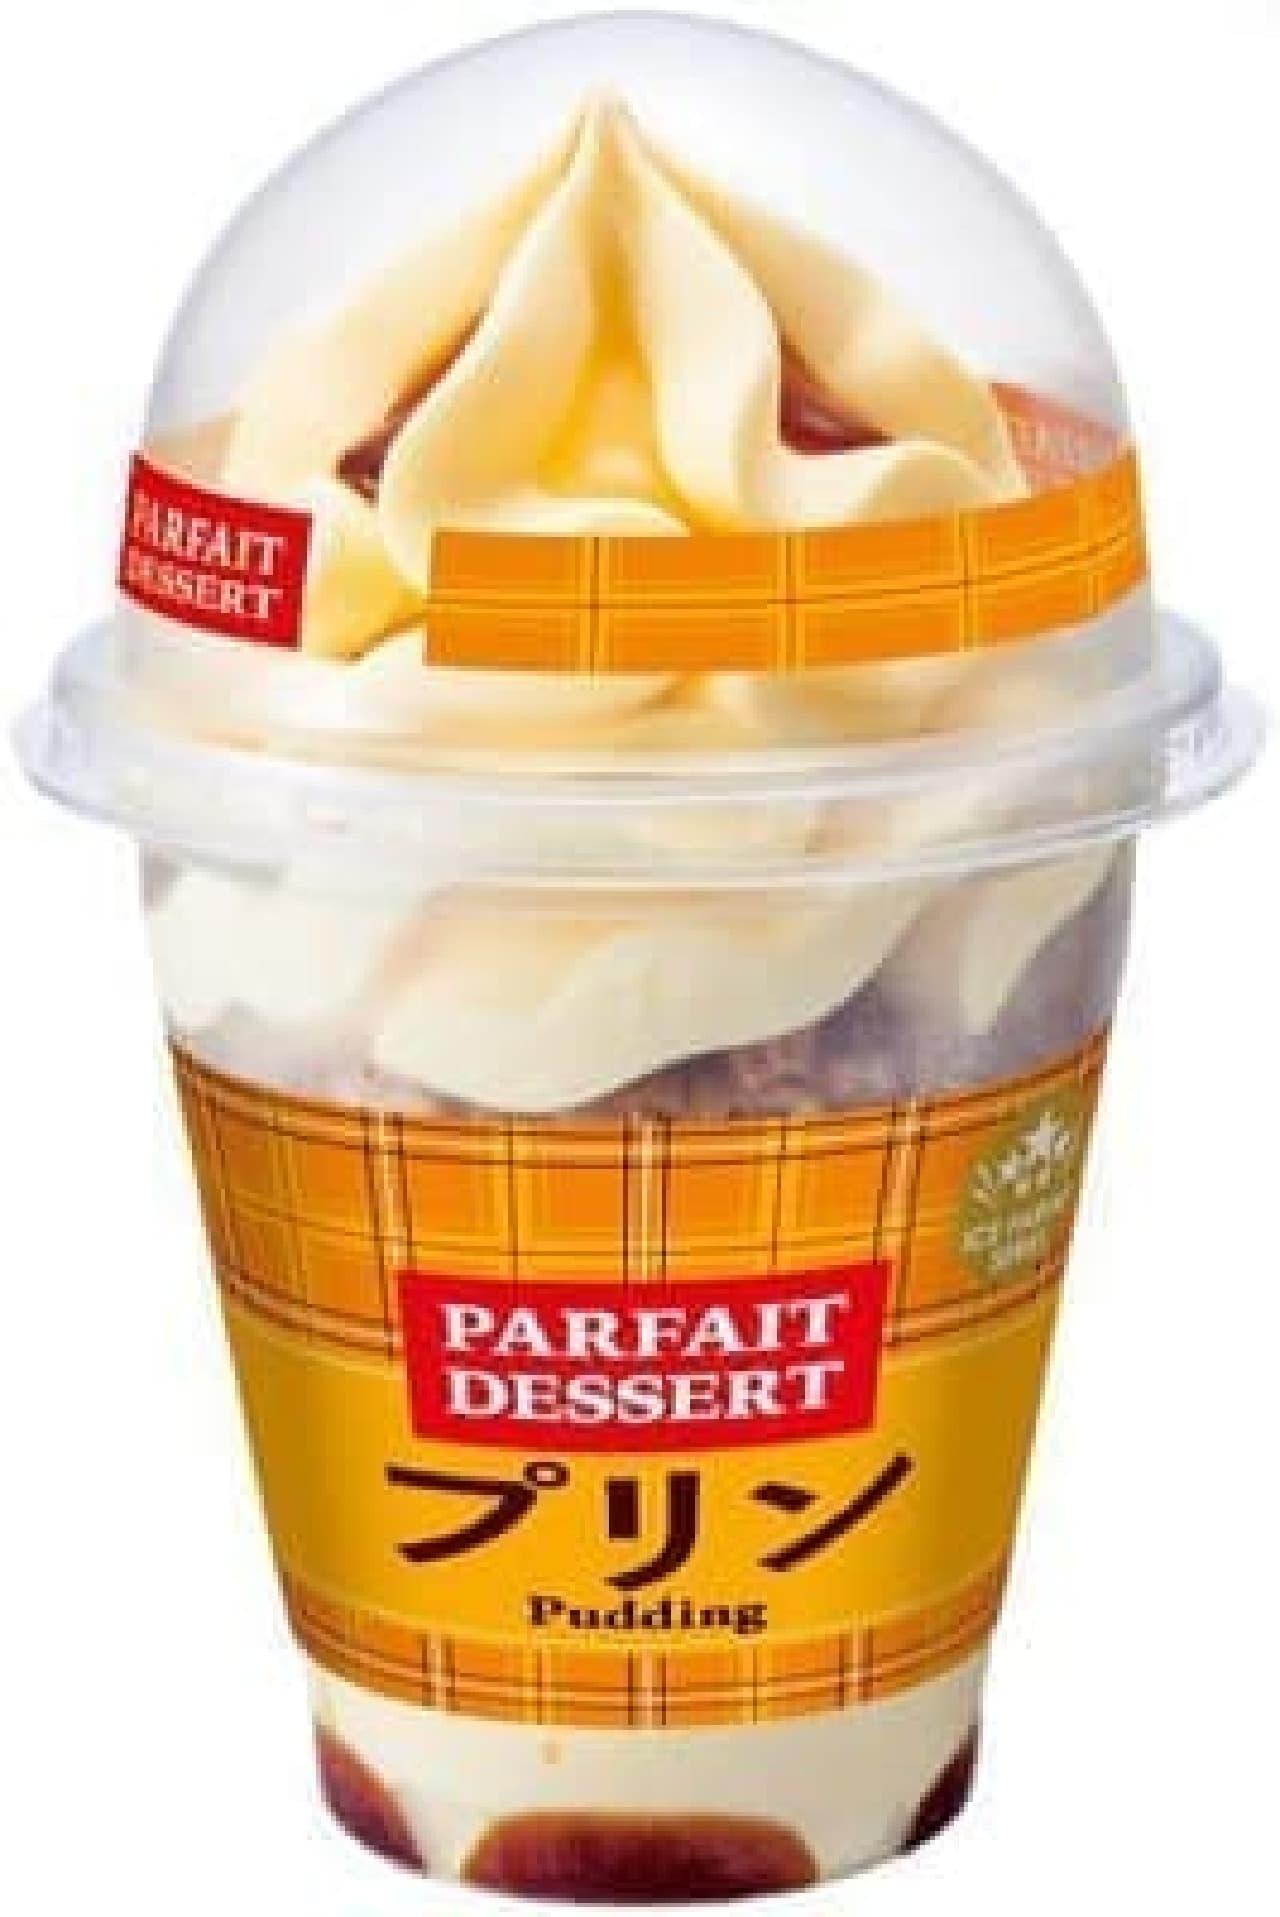 アイスやビスケットを重ねた「パフェデザート プリン」